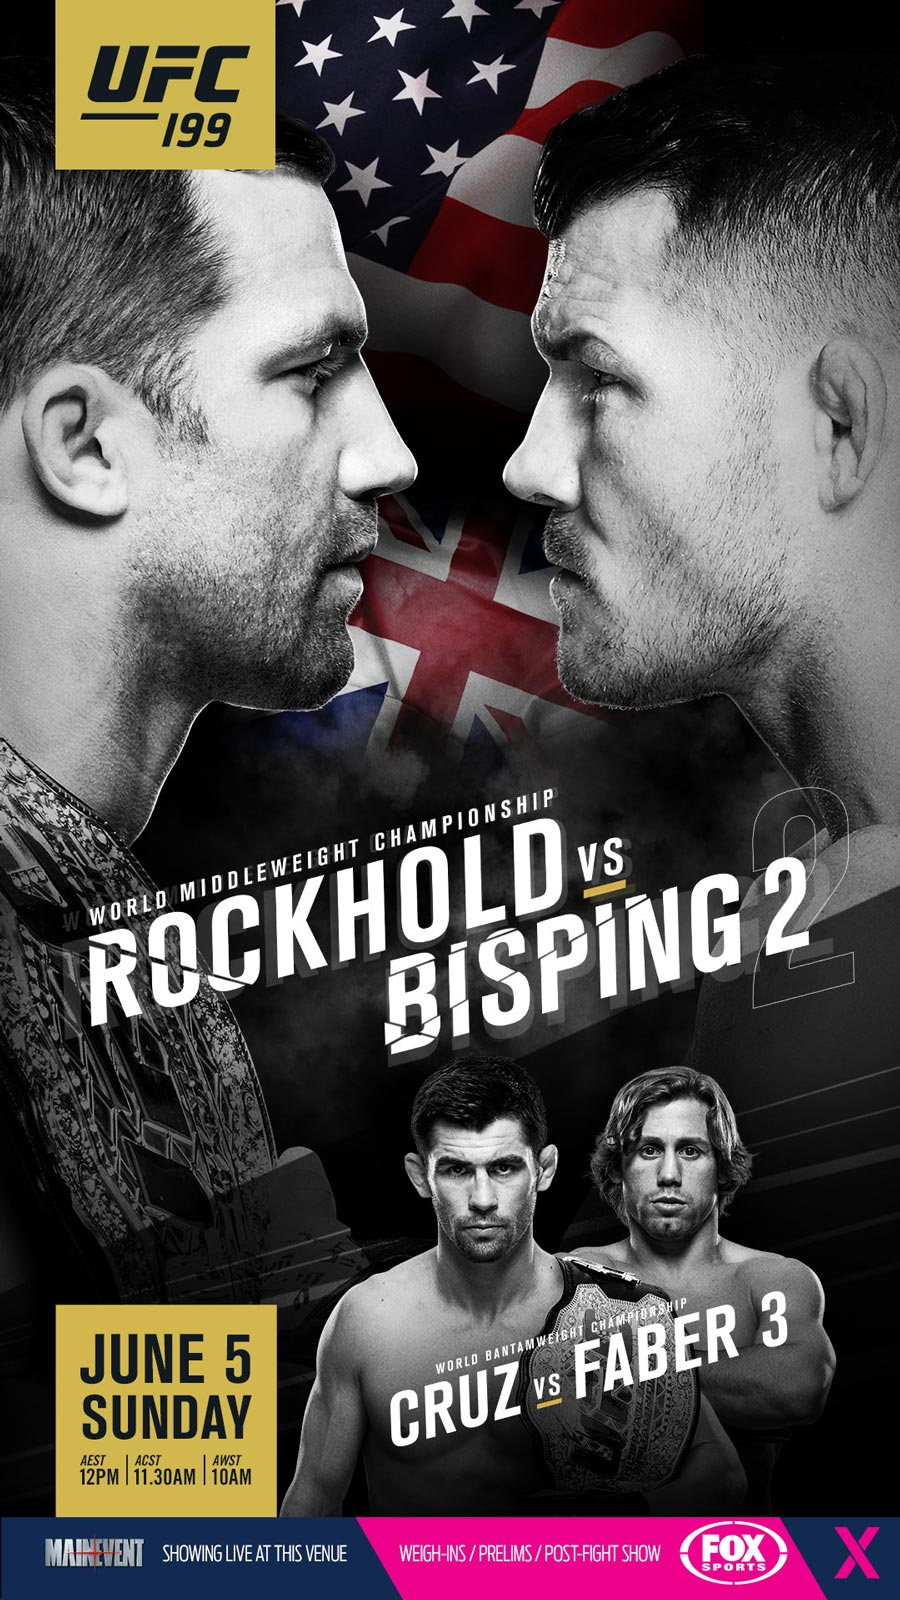 UFC 199 Rockhold Bisping 2